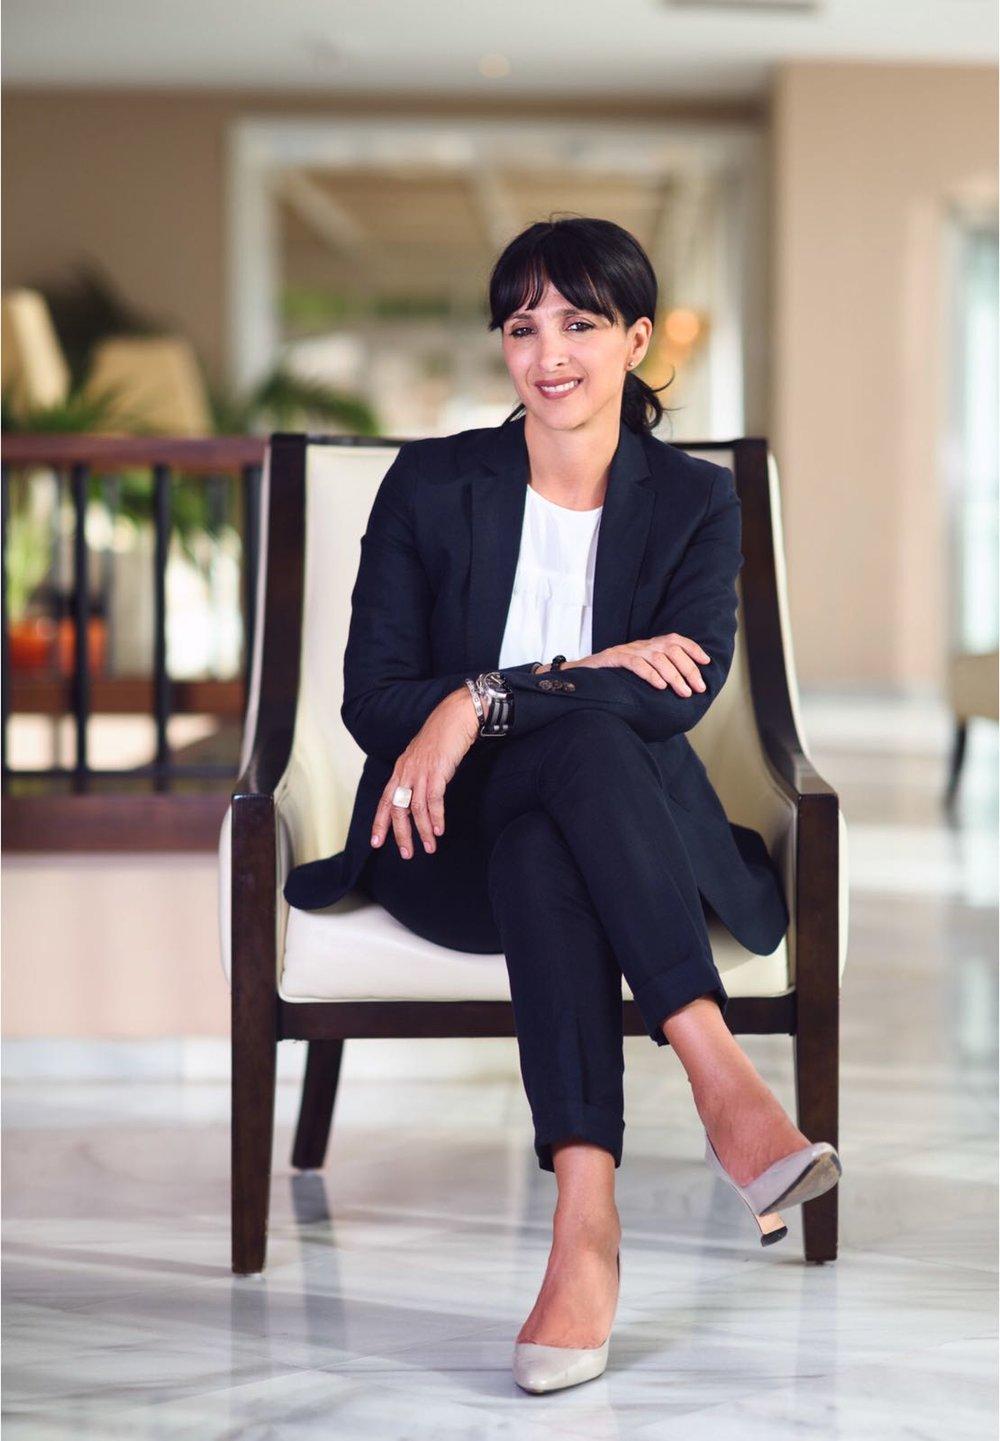 Marlene Hassan-Nahon